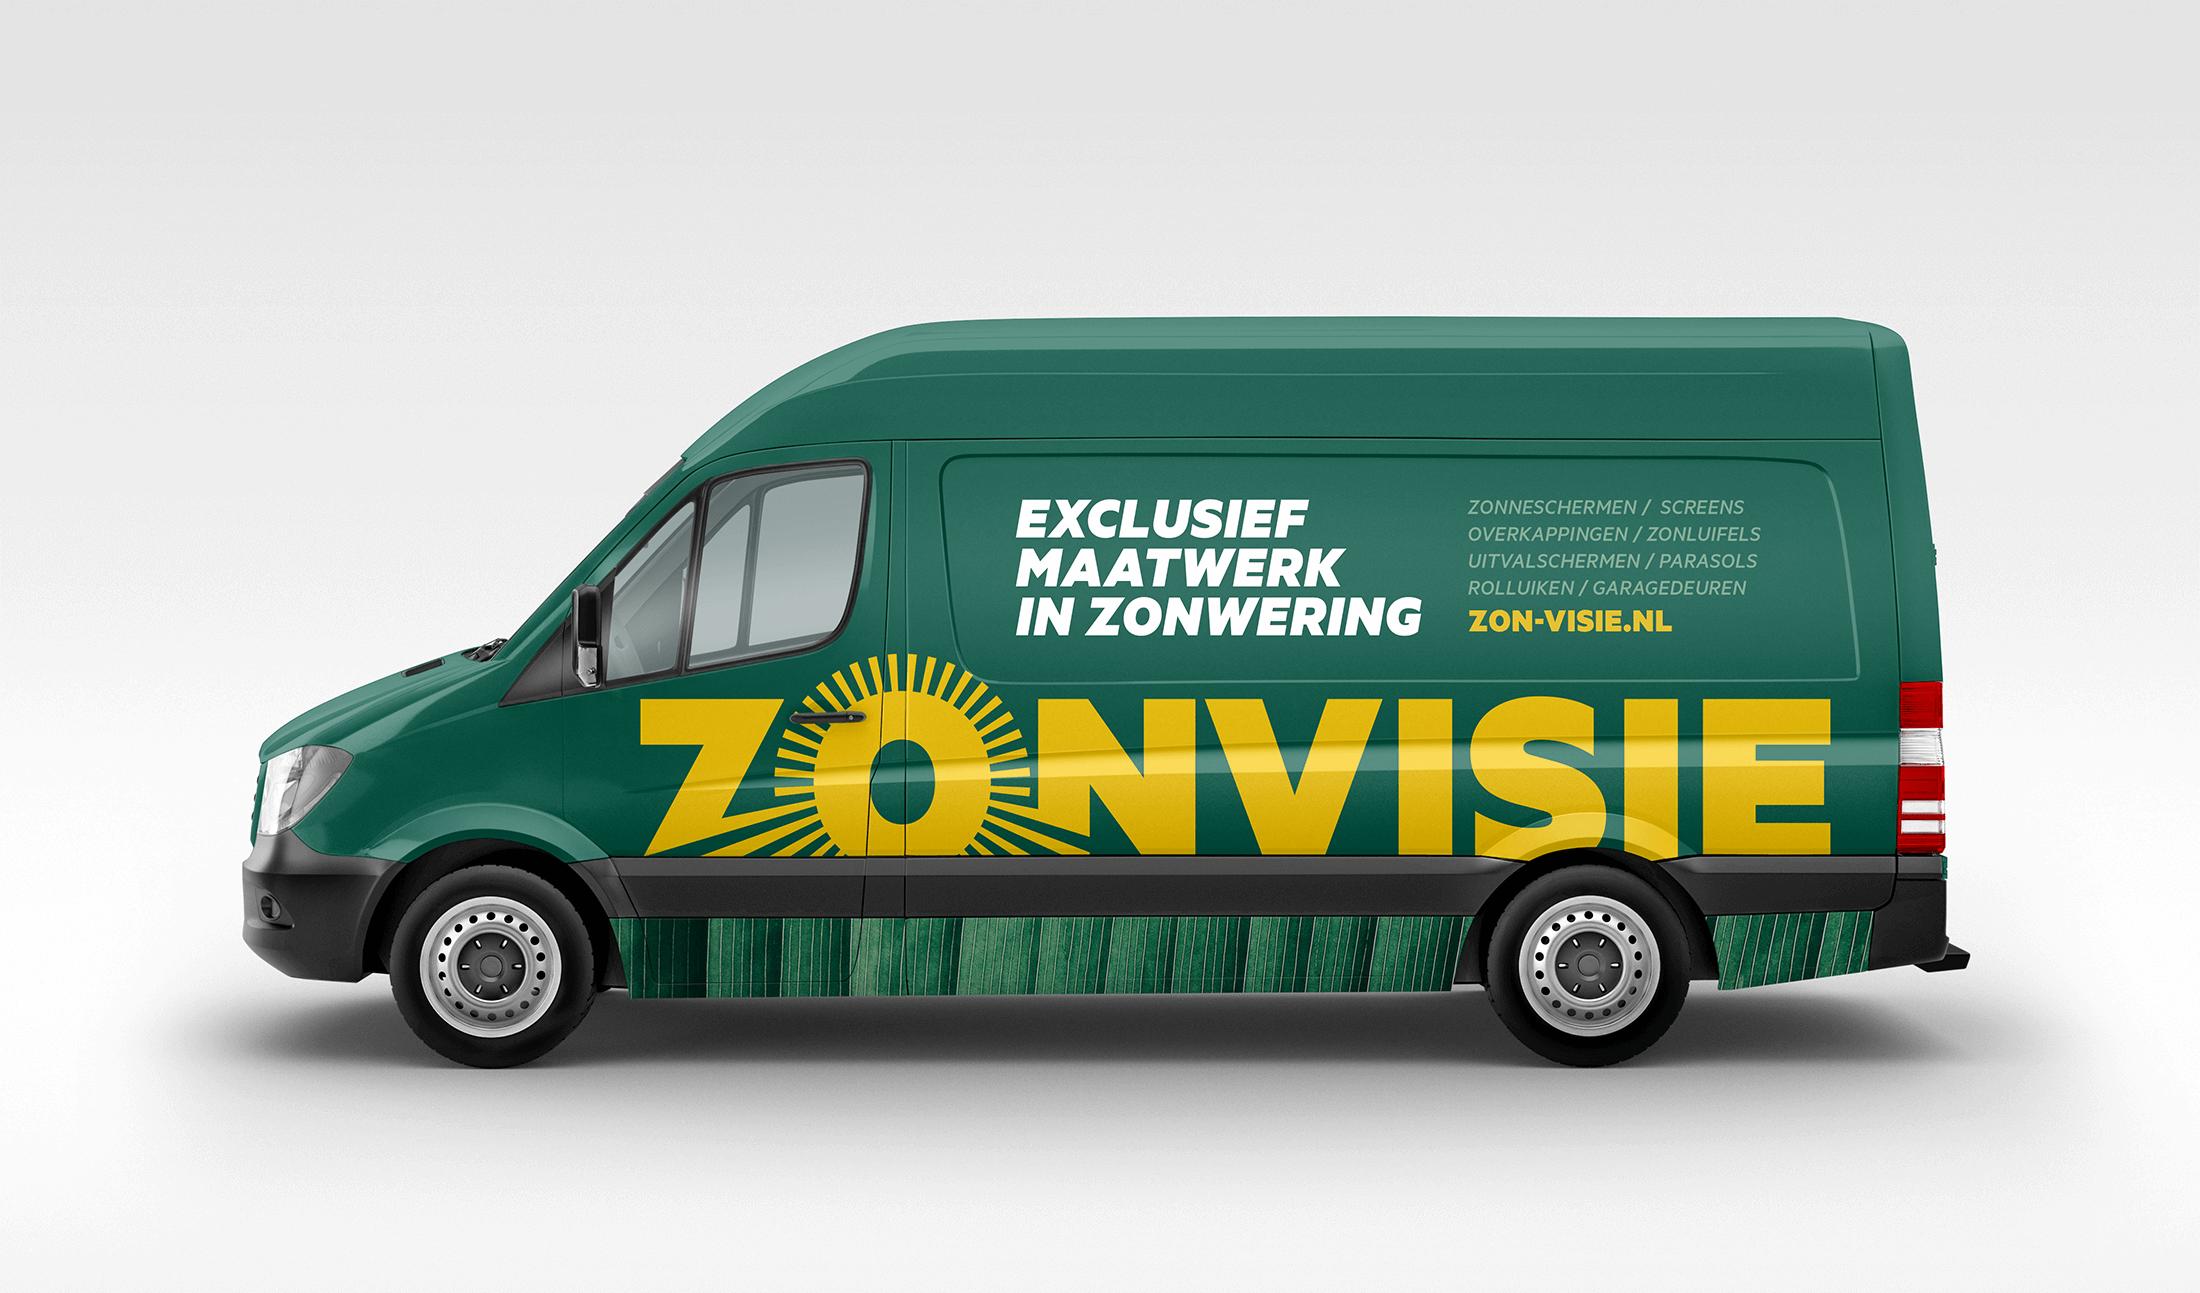 zonvisie_bus